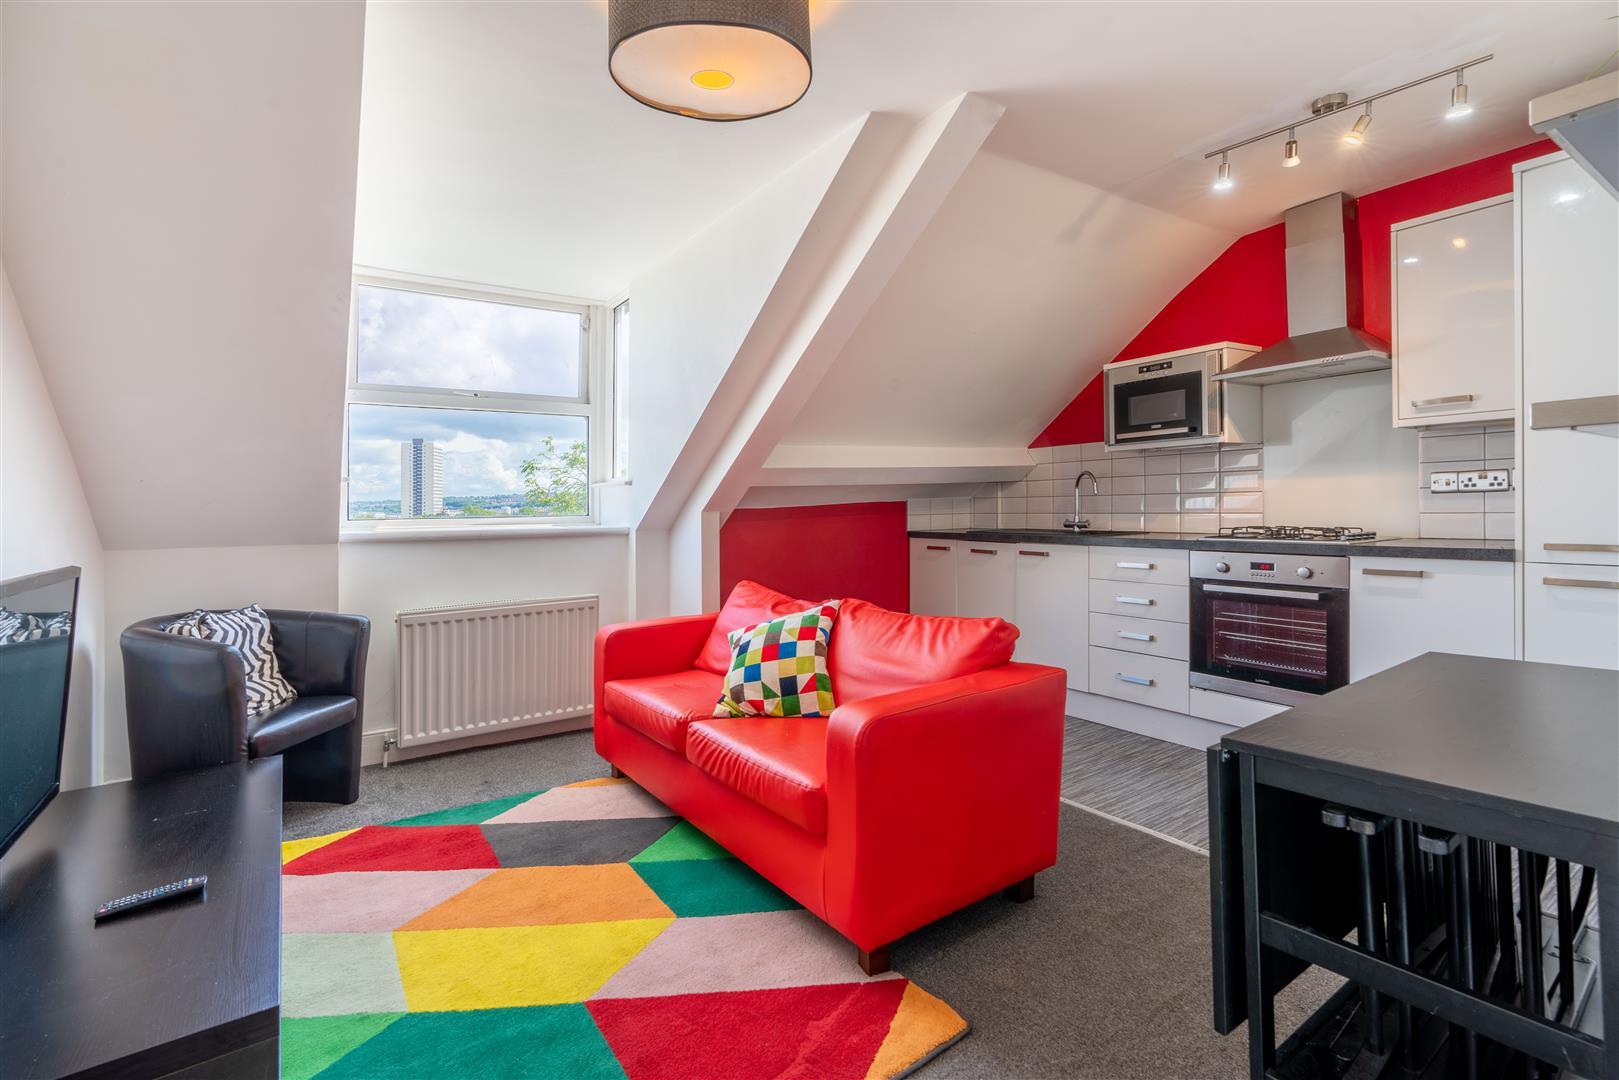 3 bed apartment to rent in 87 Jesmond Road, Jesmond, NE2